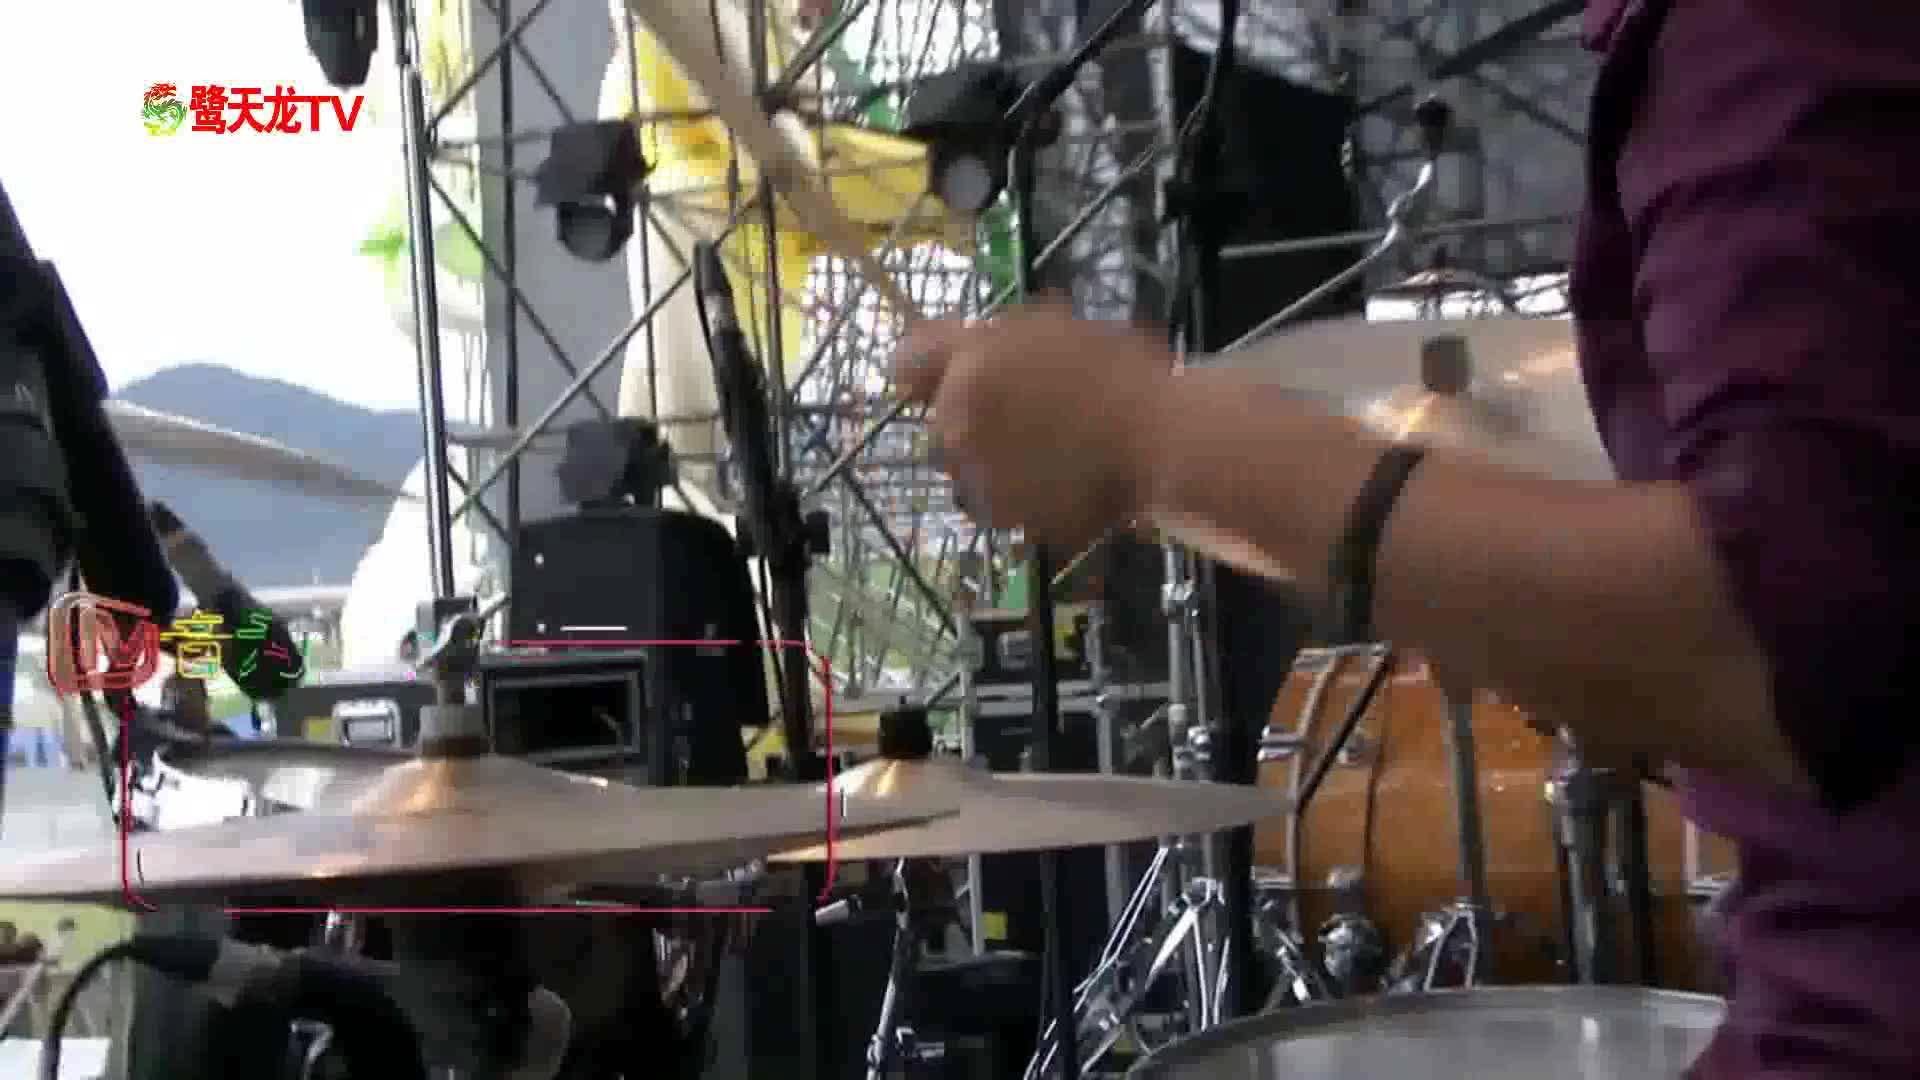 2017成都春浪音乐节:声音玩具《我有一个梦想》